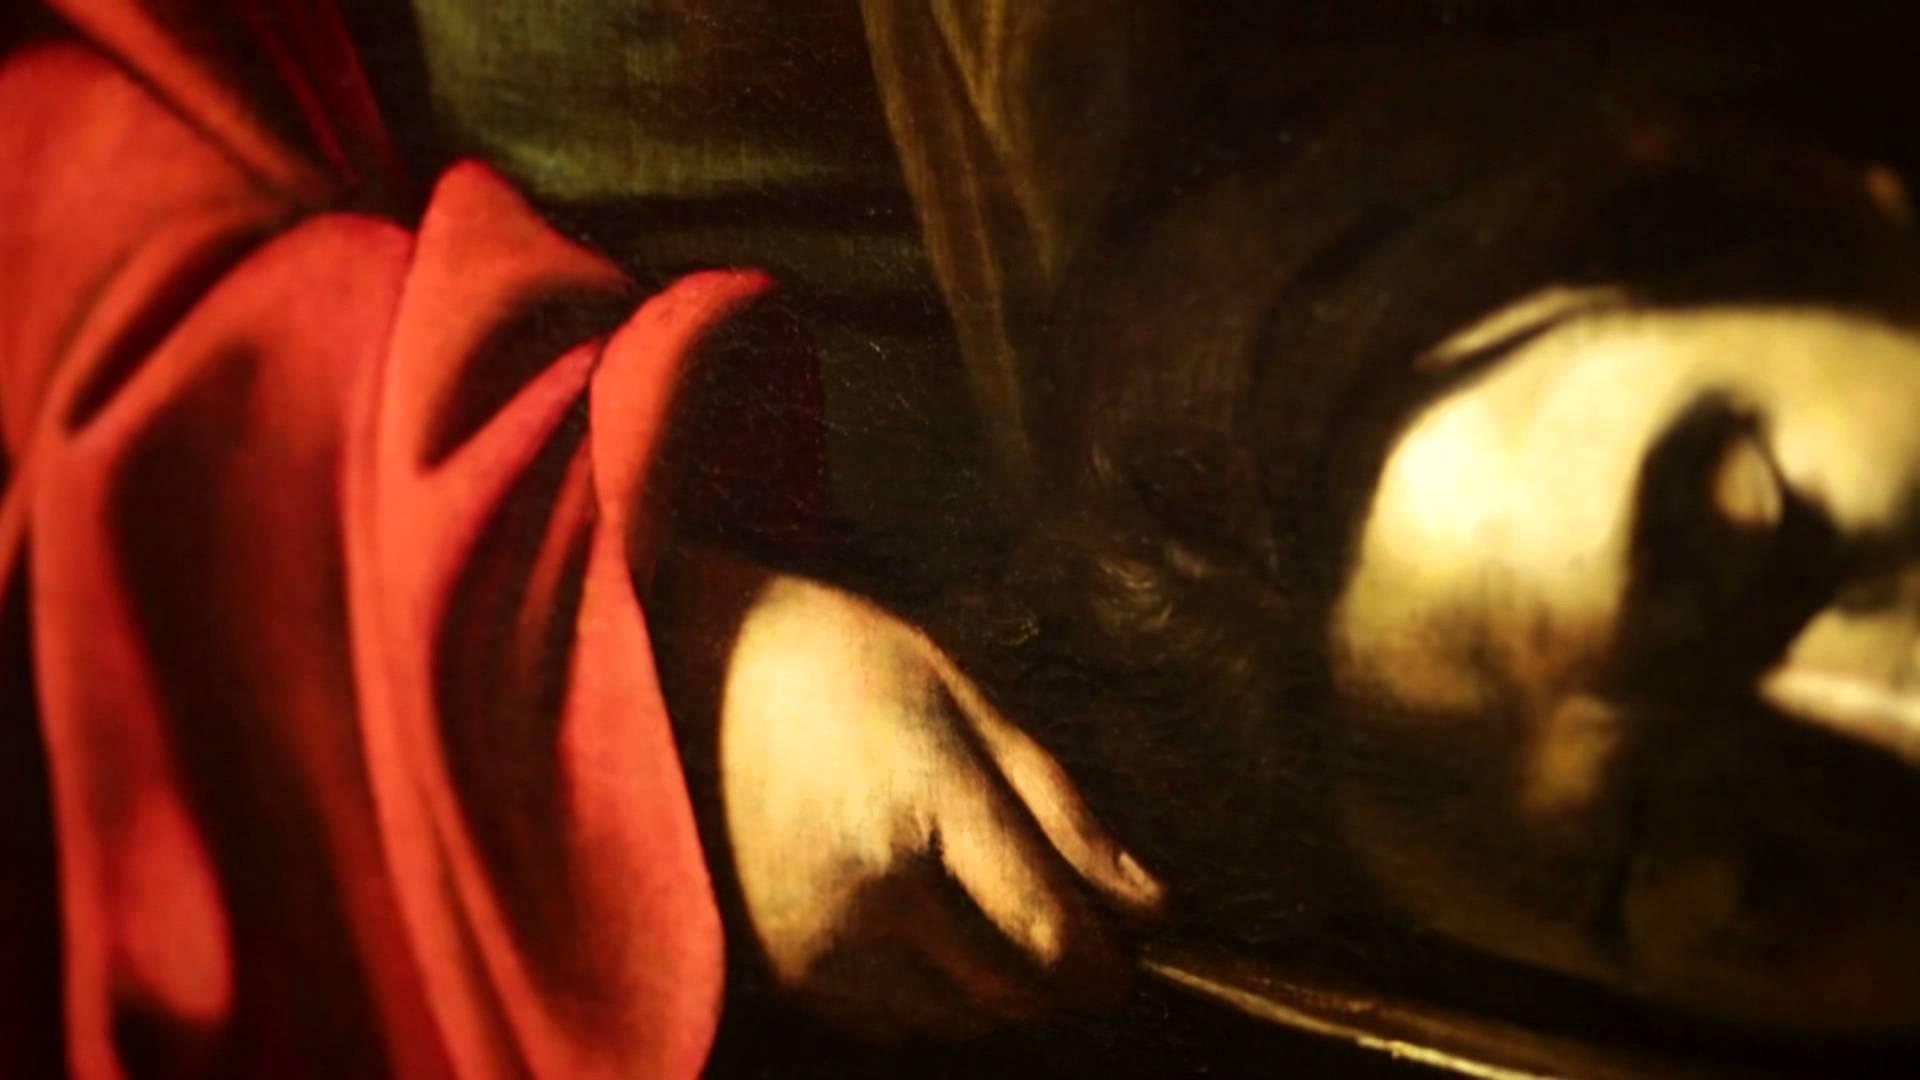 卡拉瓦喬:〈莎樂美接收施洗者約翰的頭〉